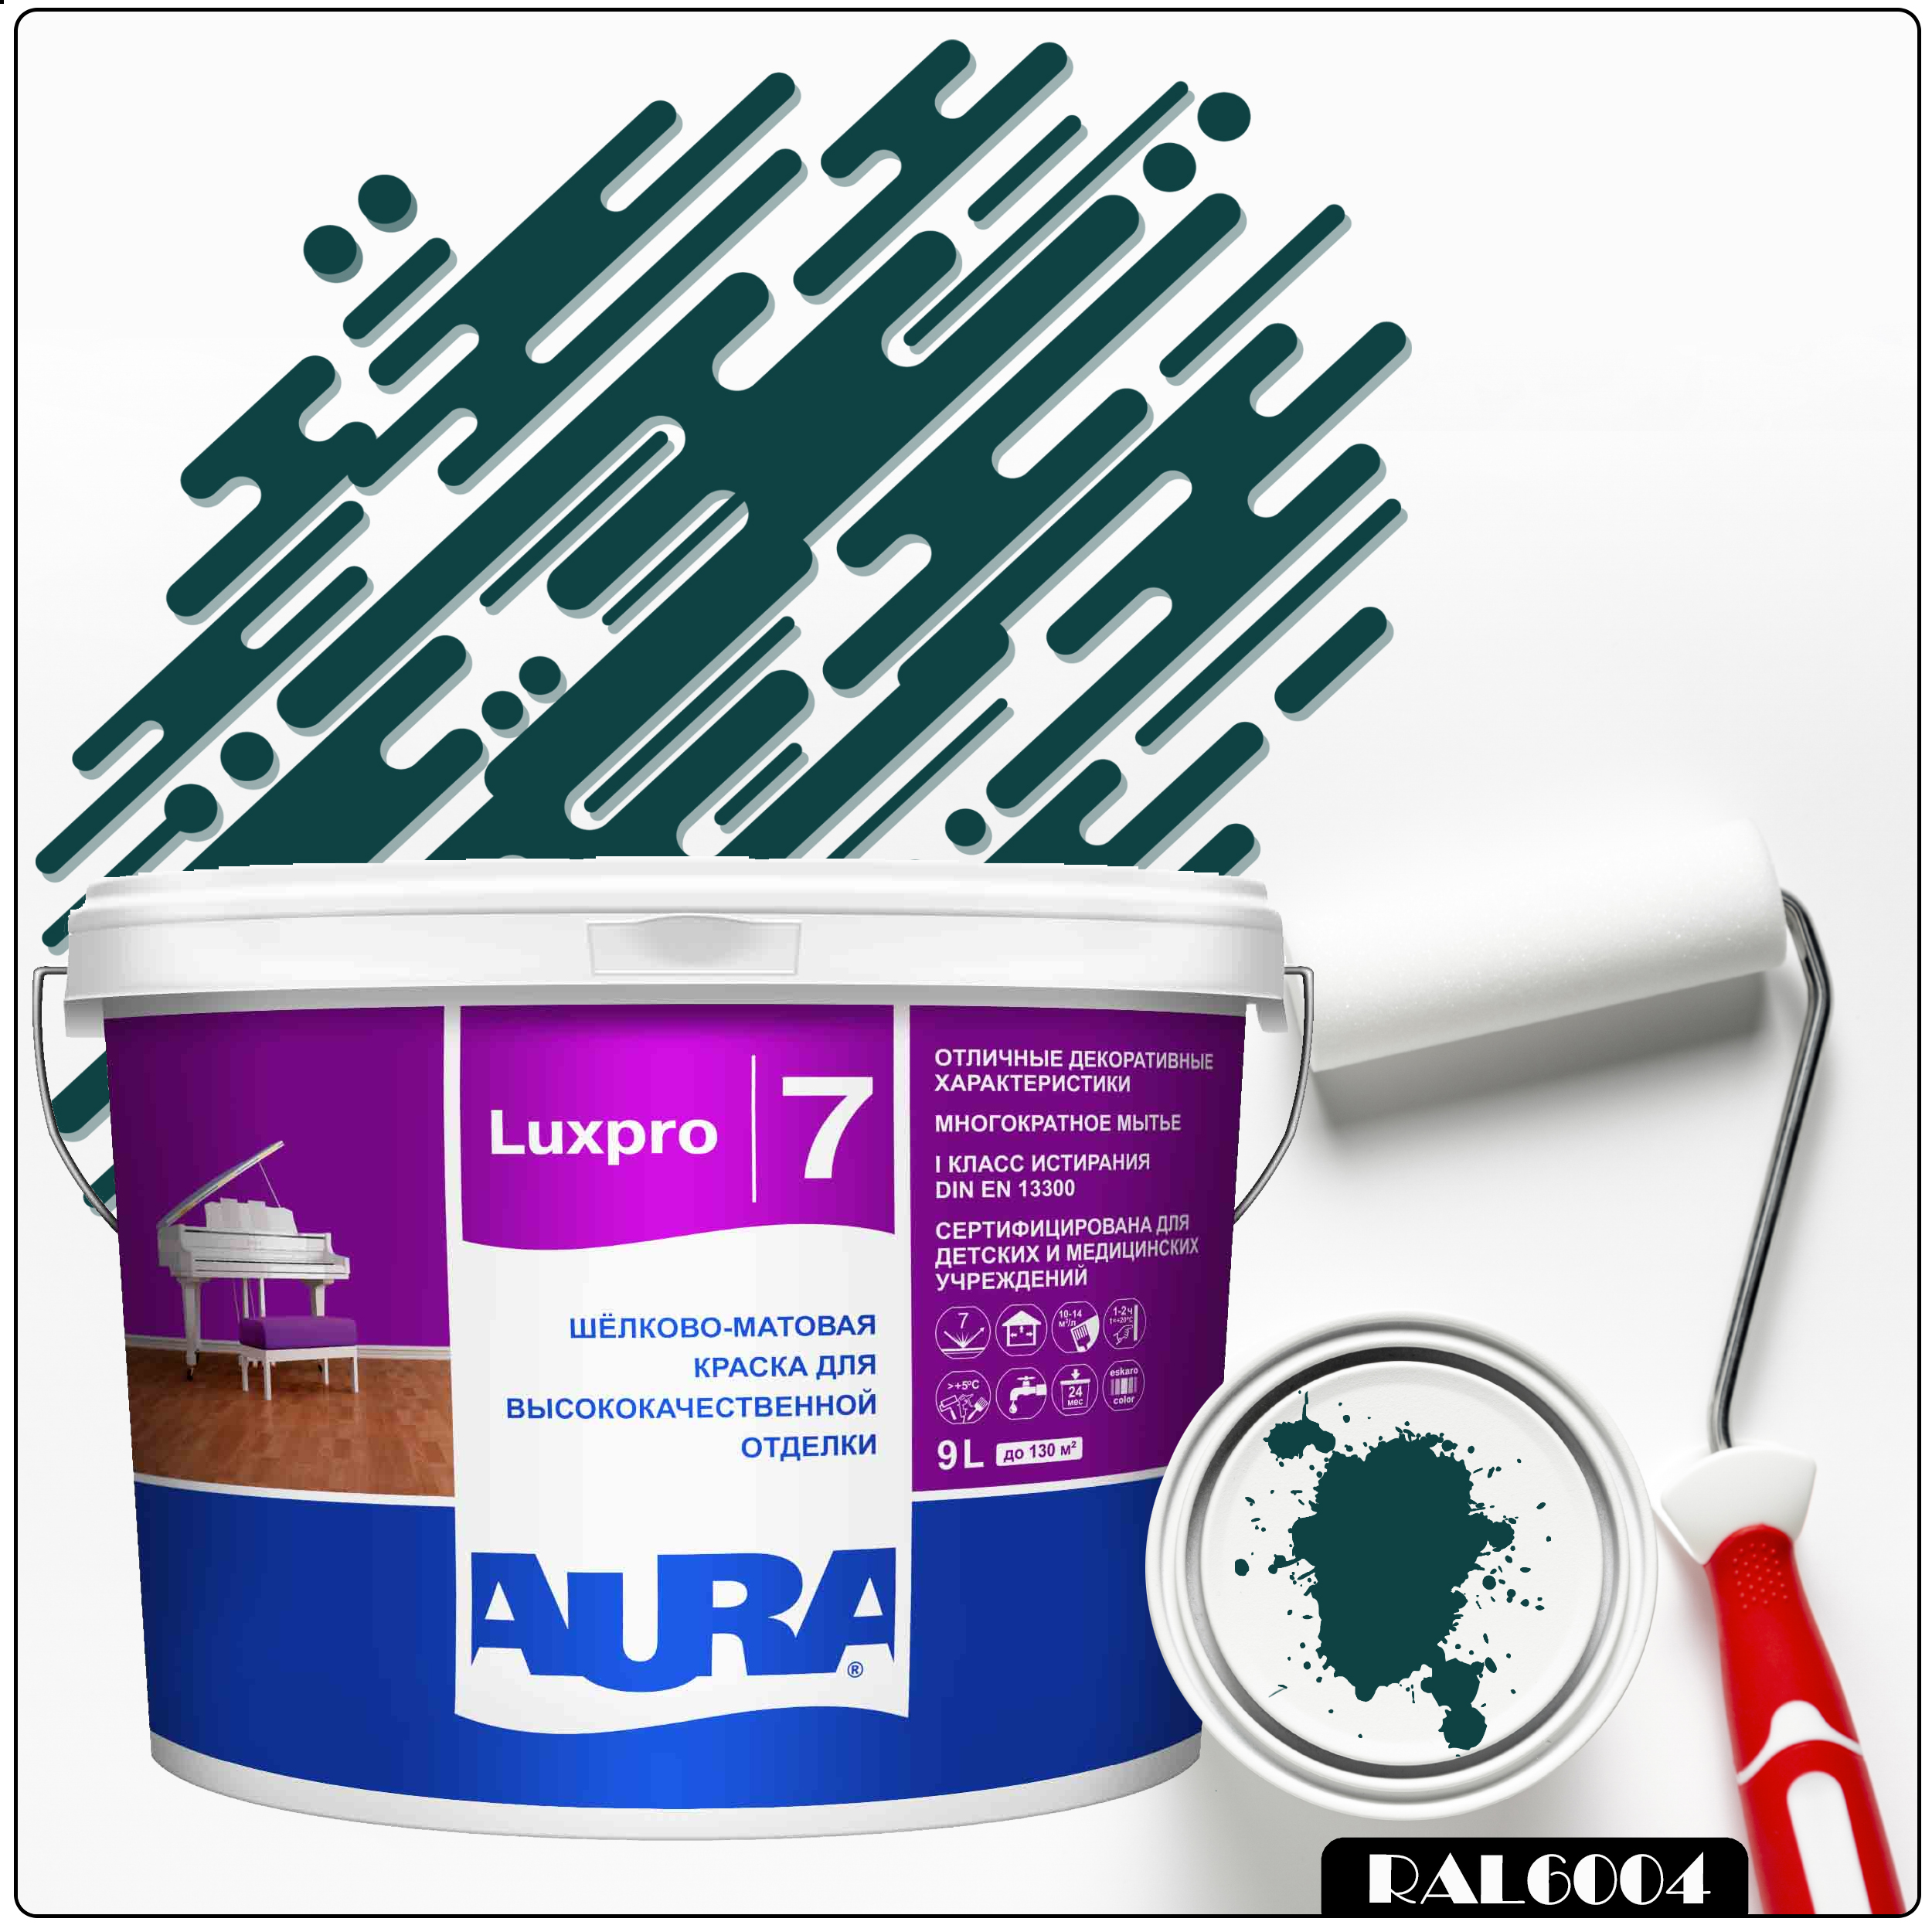 Фото 5 - Краска Aura LuxPRO 7, RAL 6004 Сине-зеленый, латексная, шелково-матовая, интерьерная, 9л, Аура.